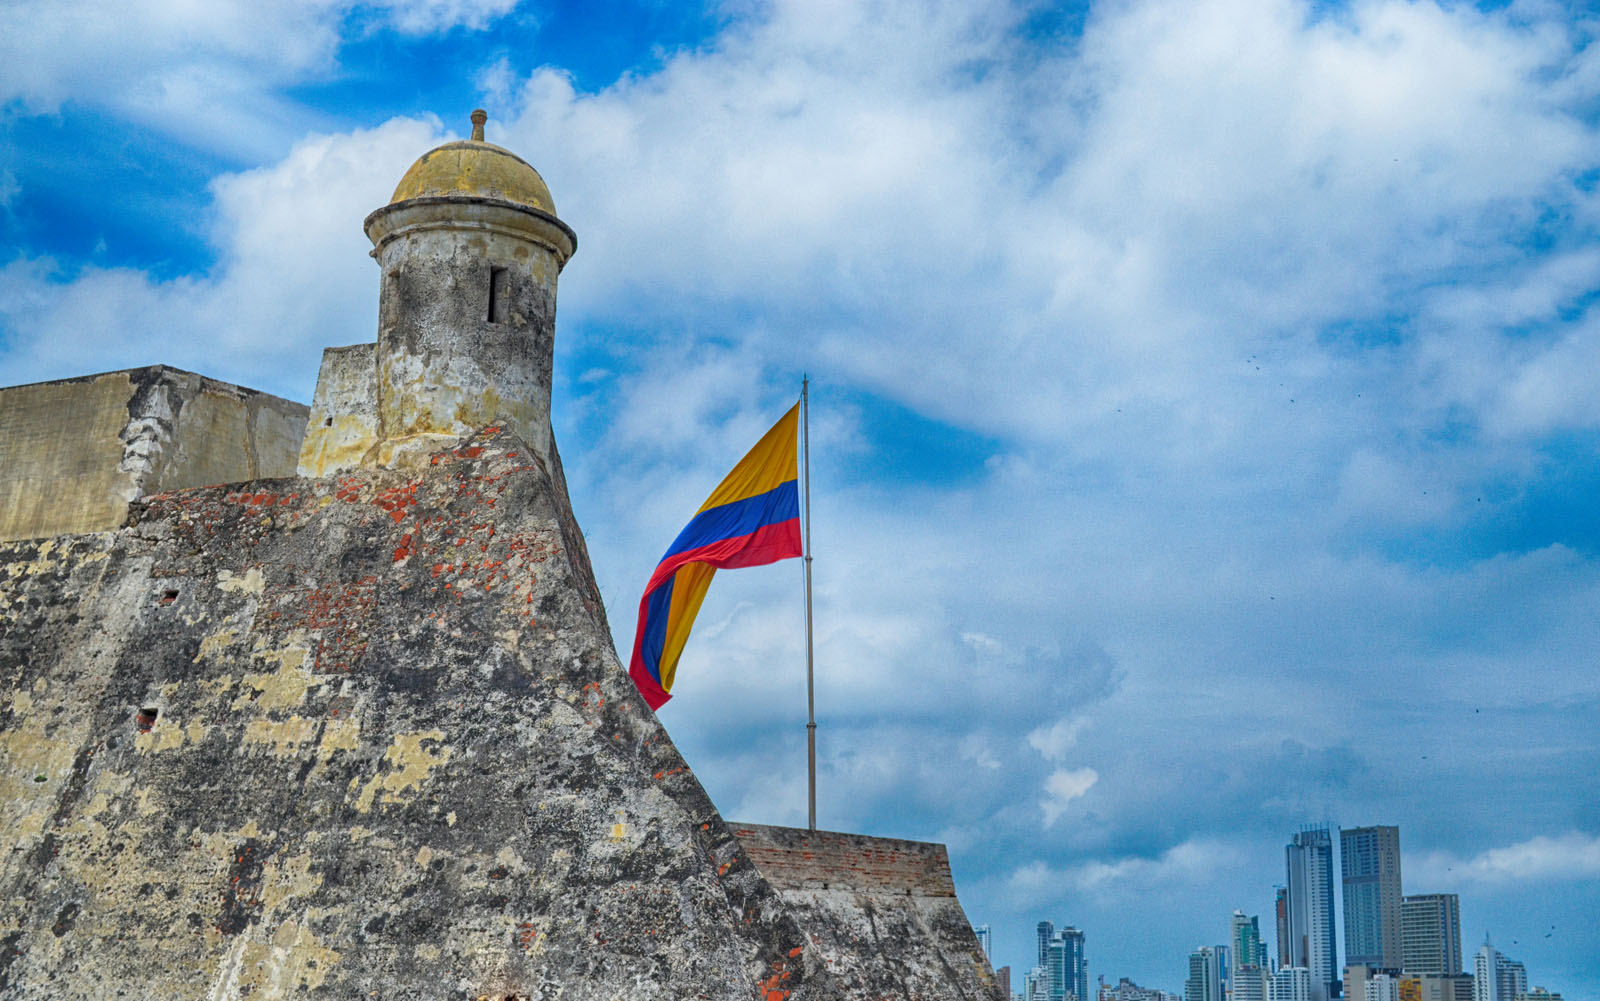 Torre do Castillo de San Felipe de Barajas ao lado da bandeira, contrastando com edifícios modernos ao fundo.